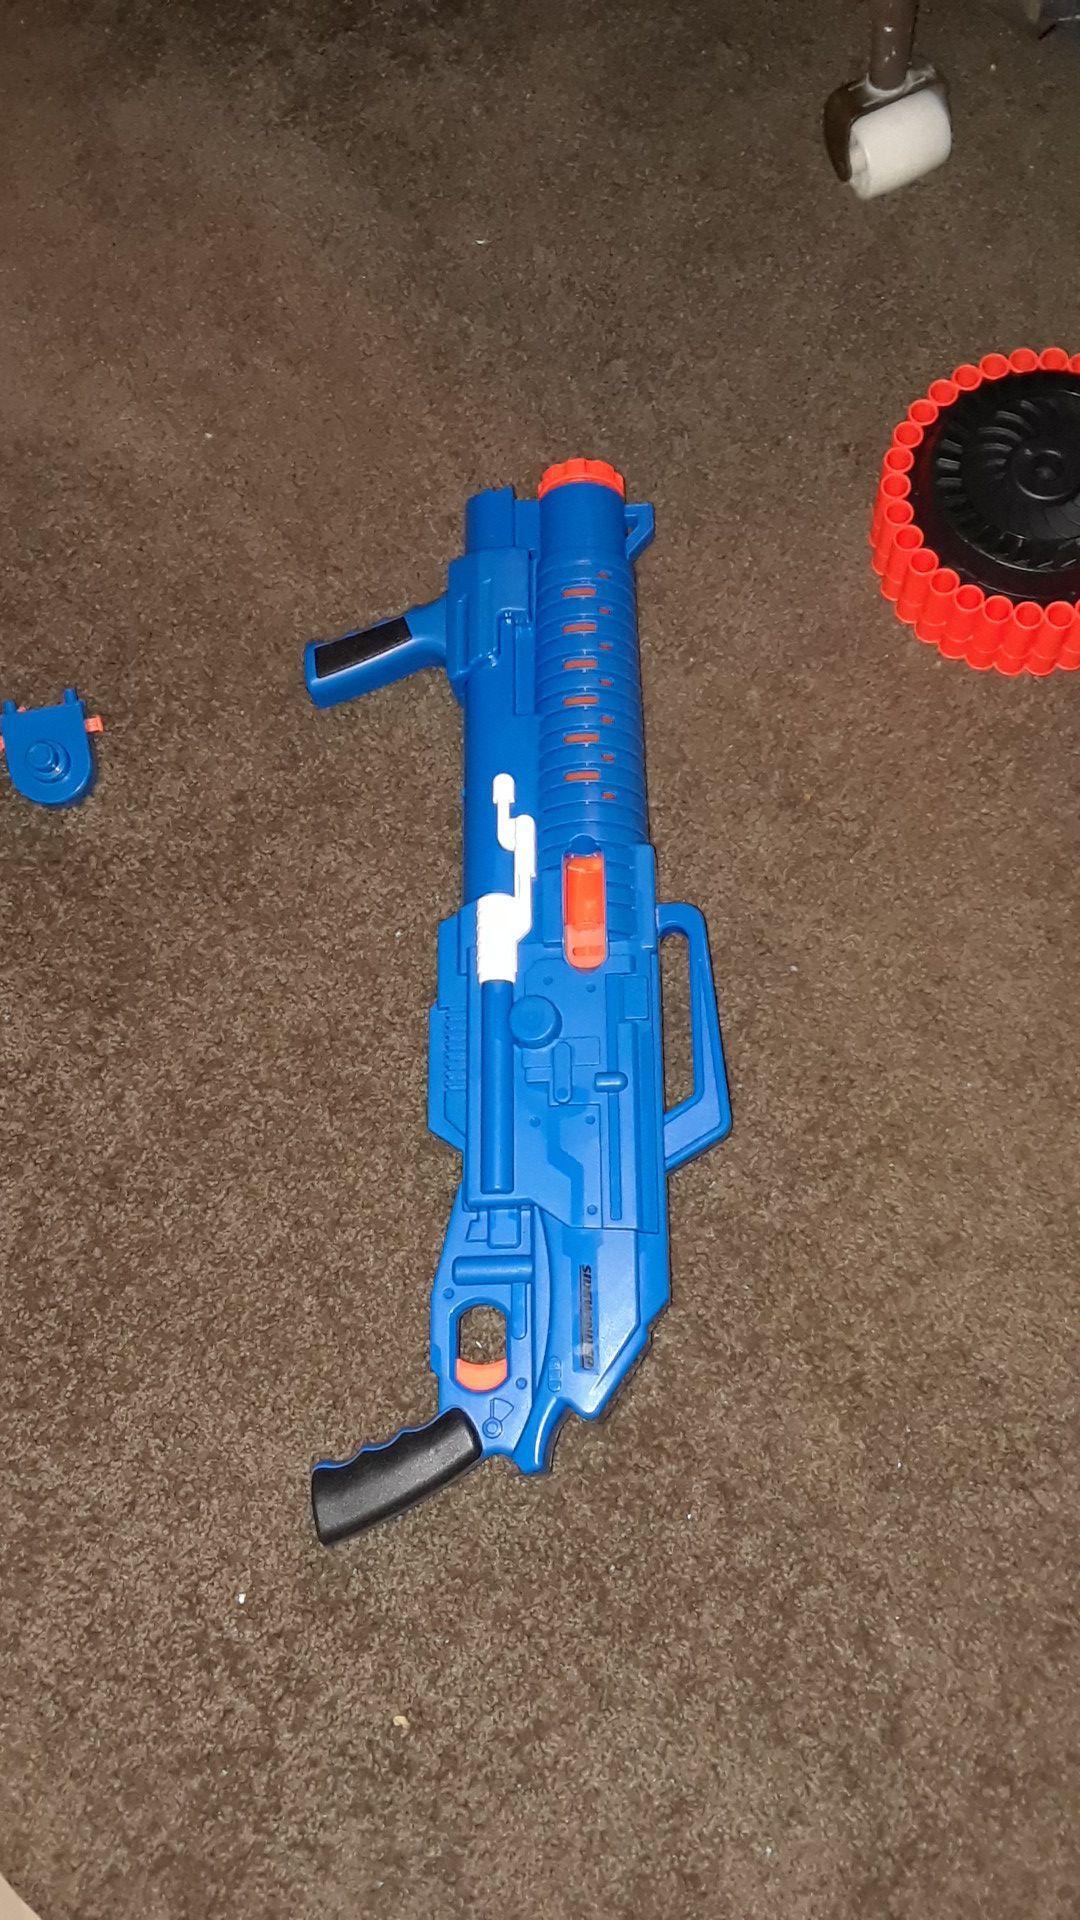 Toy mini gun